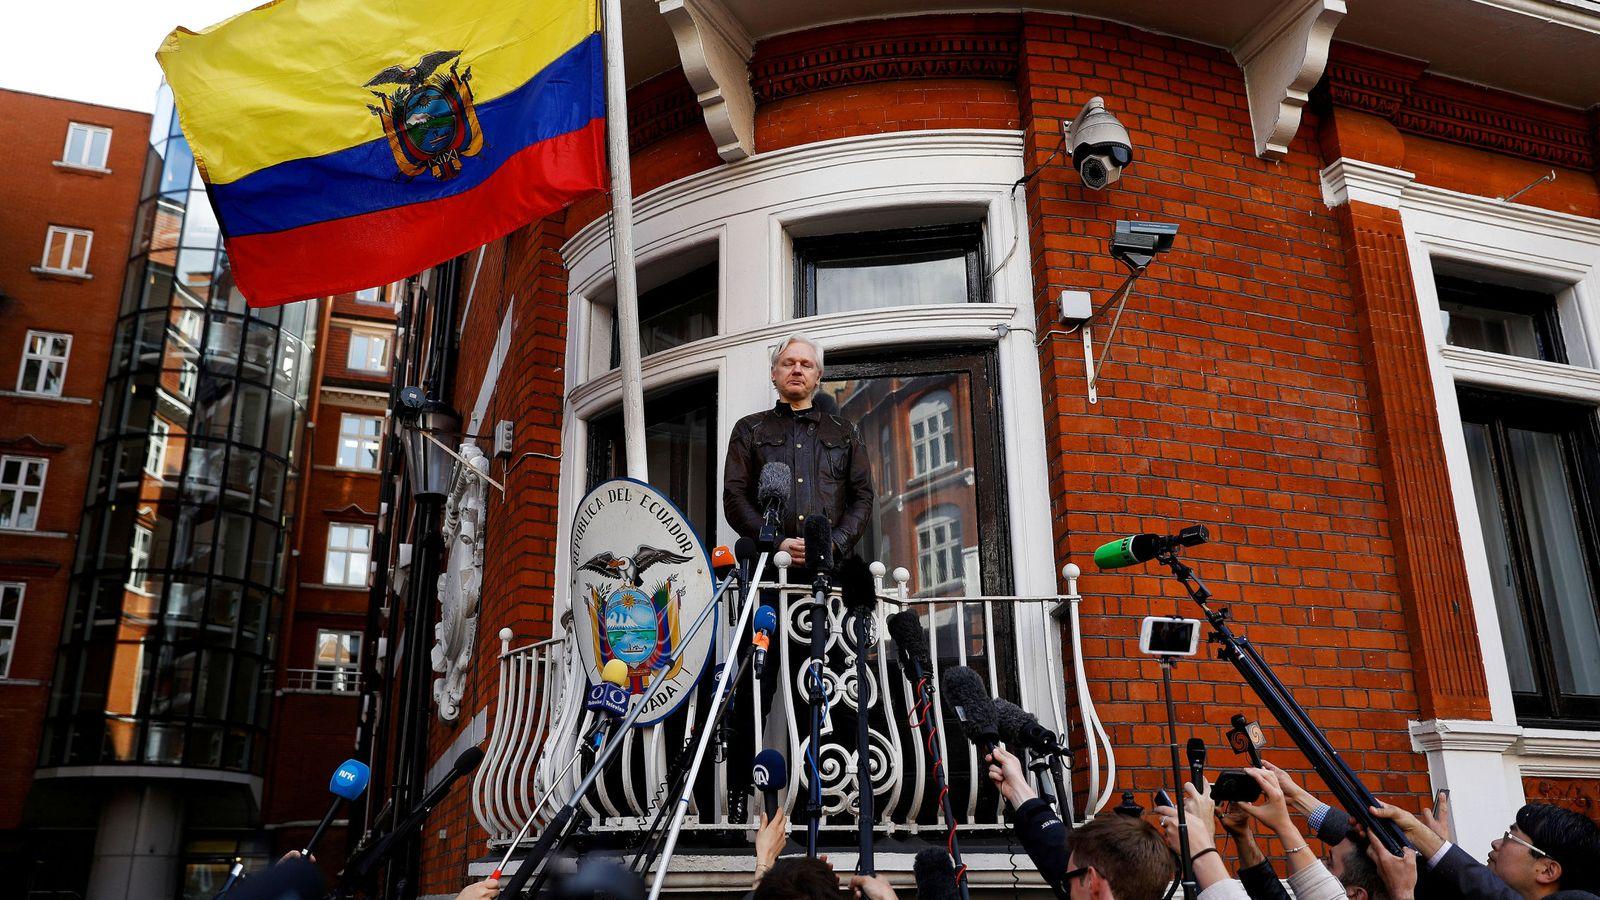 Foto: Julian Assange en el balcón de la embajada ecuatoriana en Londres, en mayo de 2017. (Reuters)